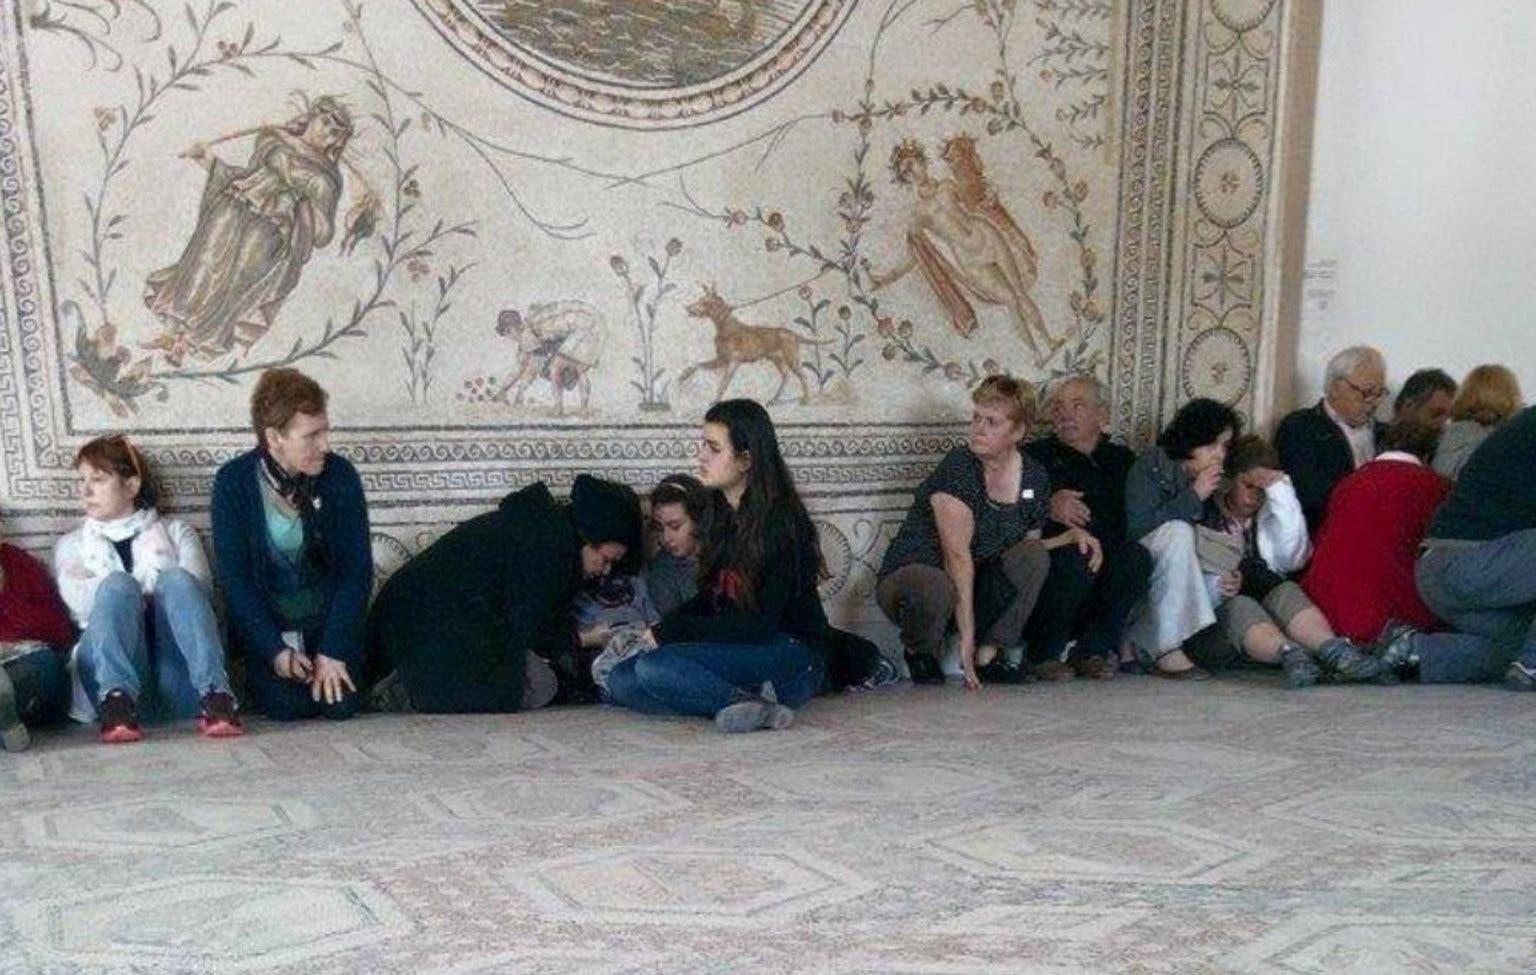 Bewaffnete nahmen mehrere Touristen als Geiseln.